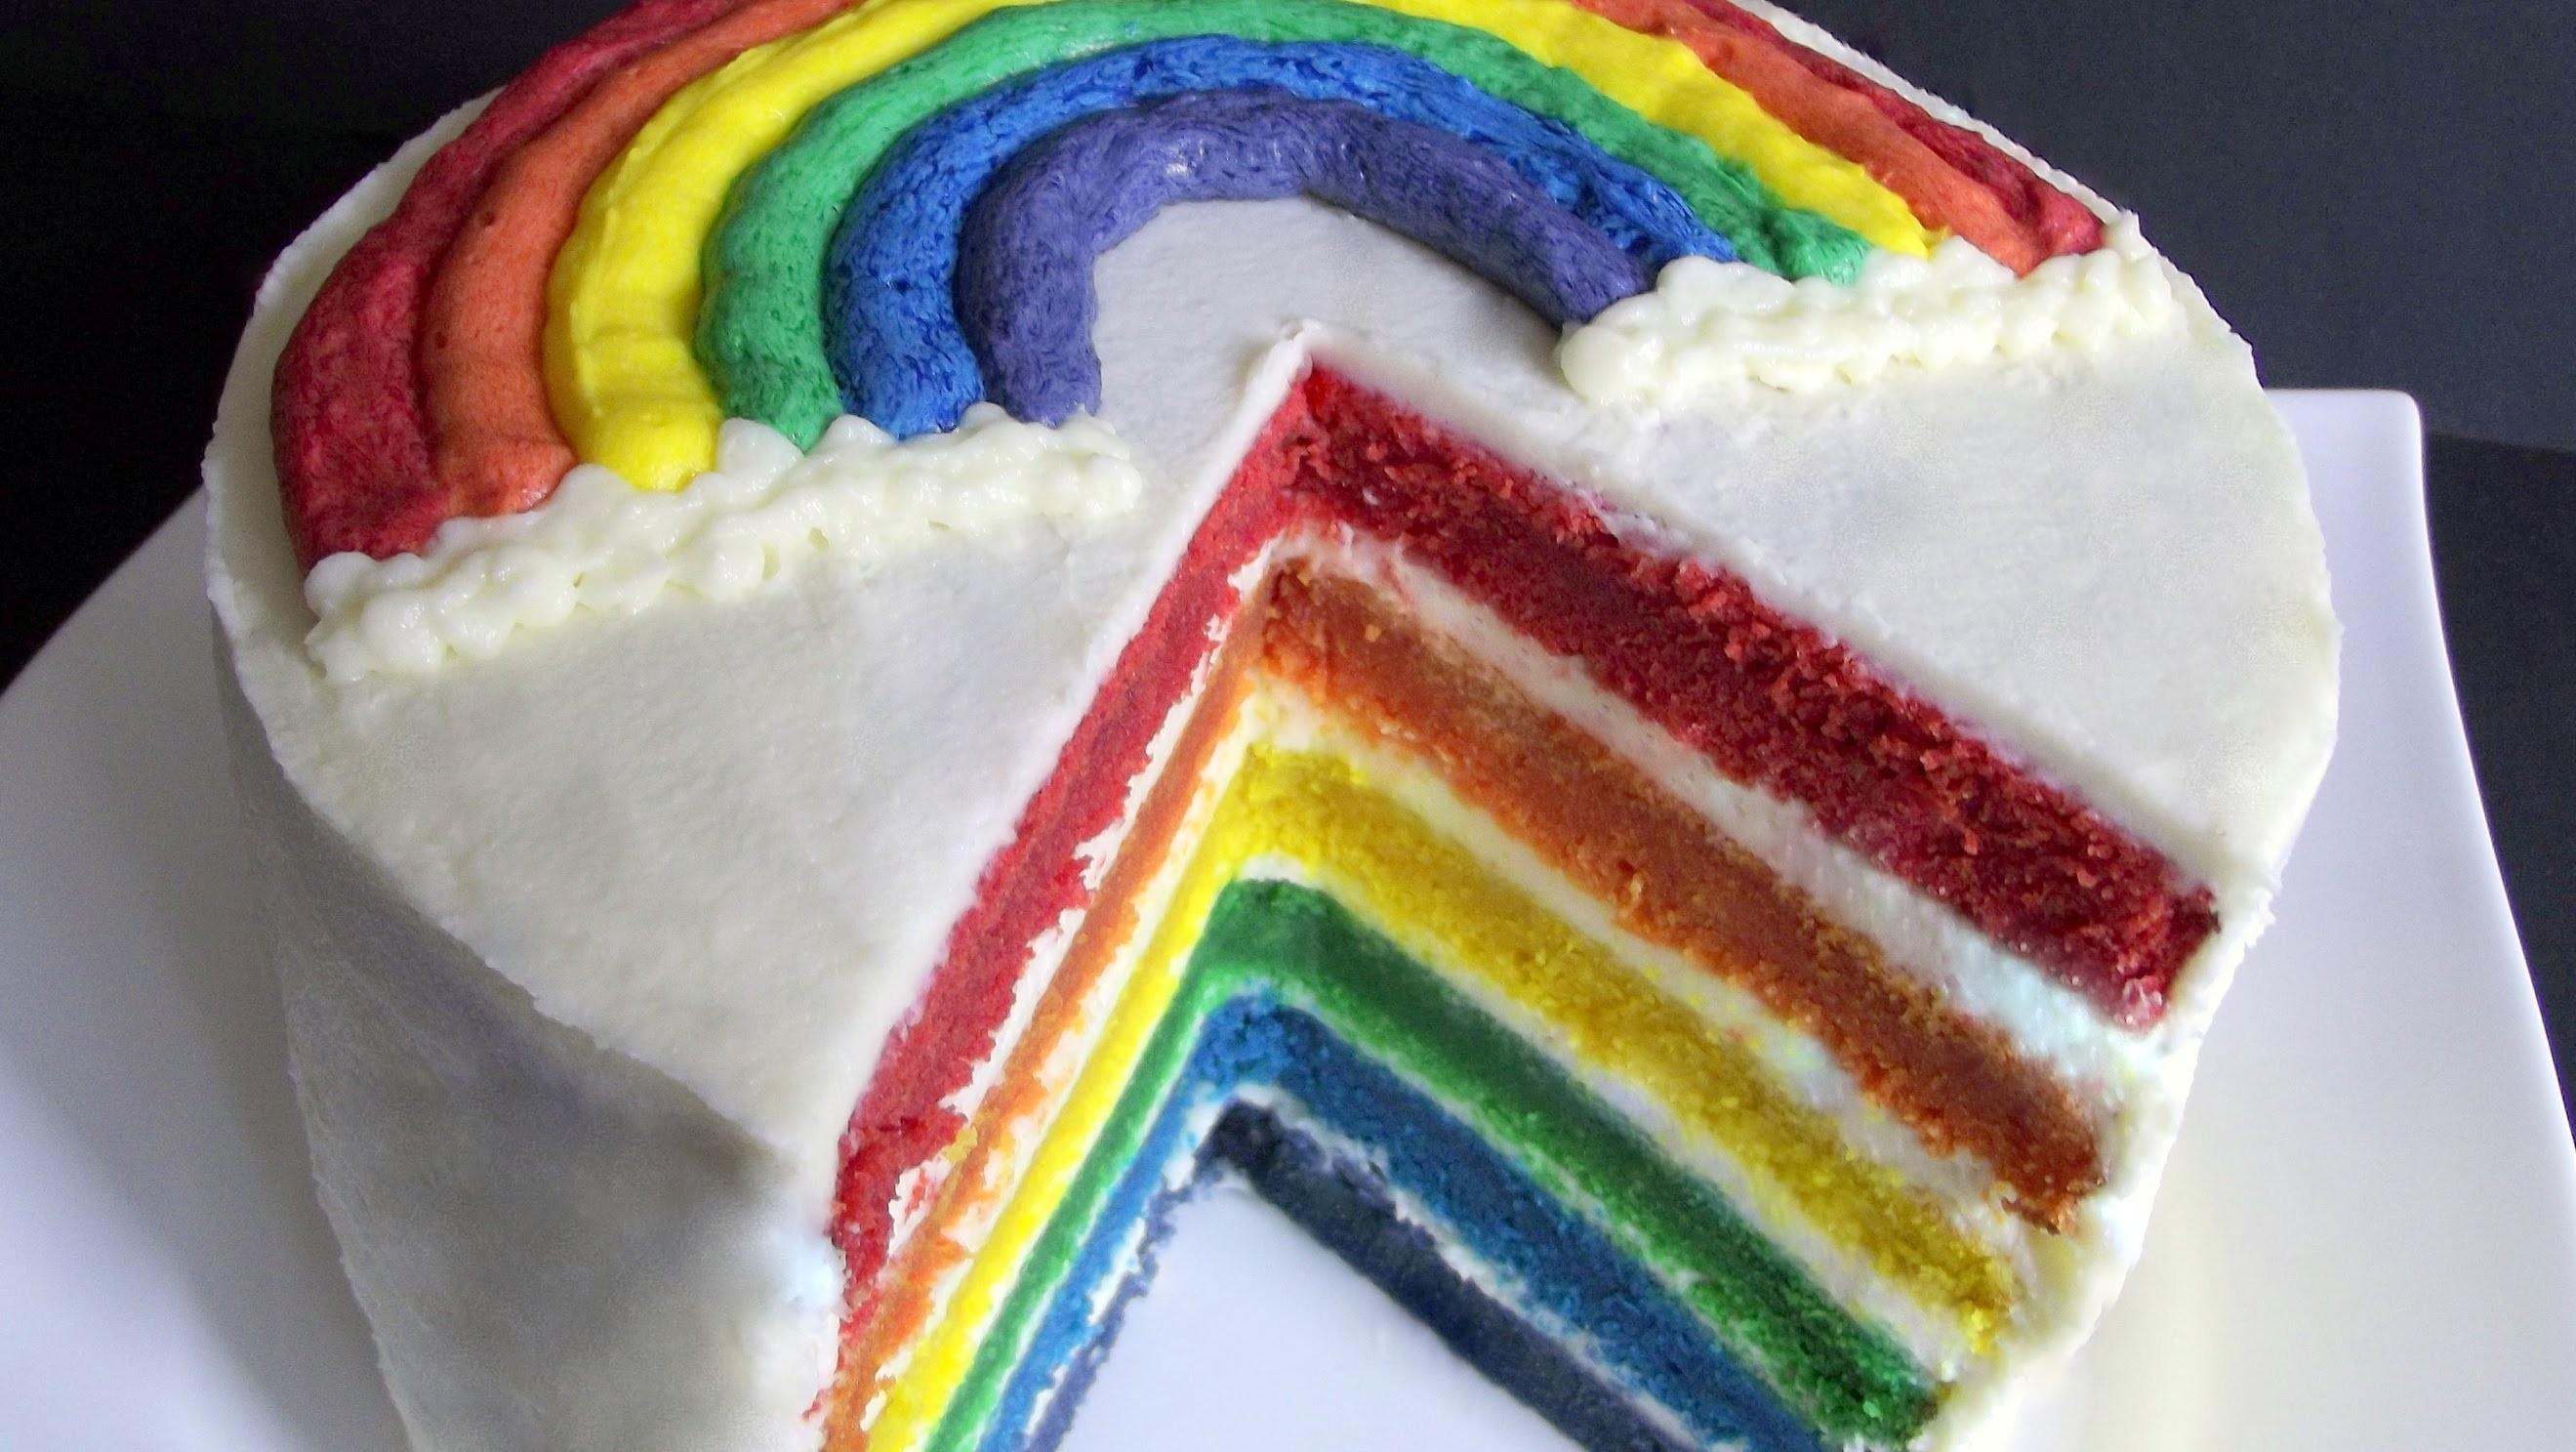 Bunter Regenbogenkuchen